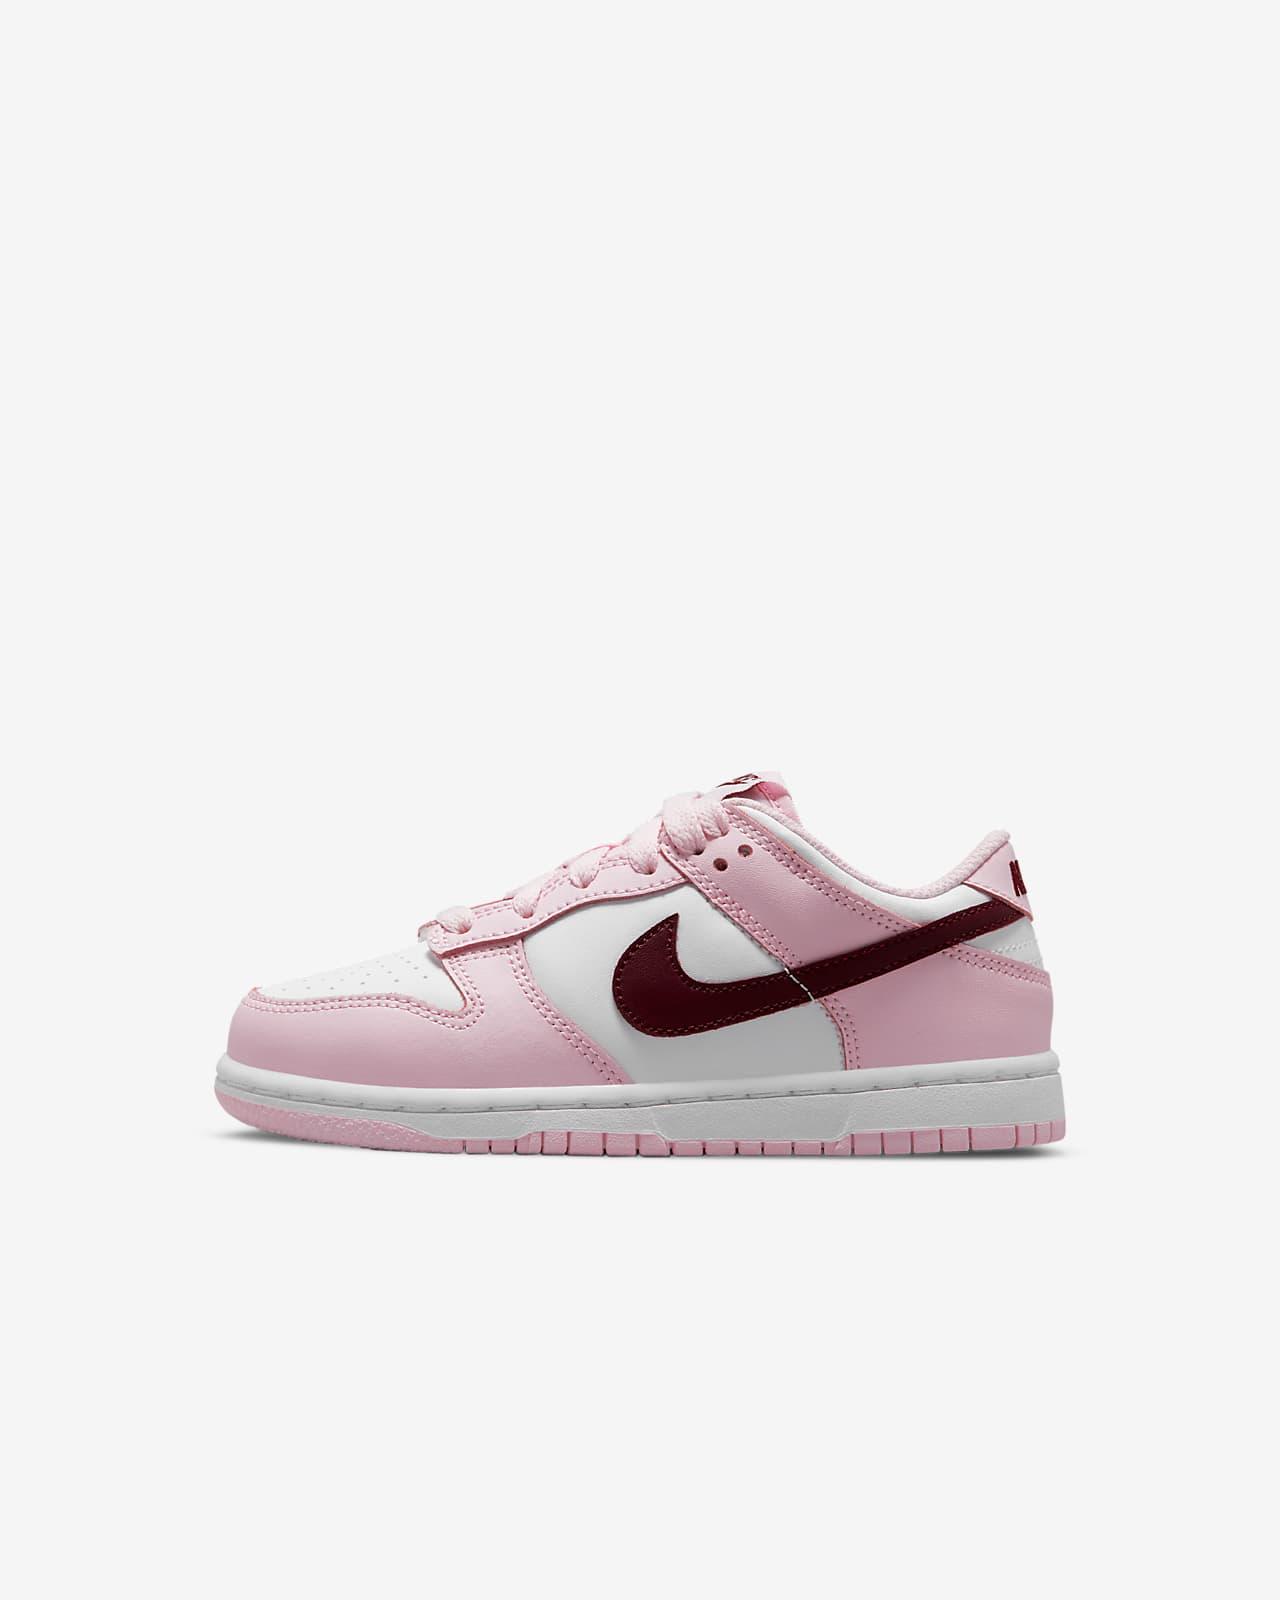 Calzado para niños de talla pequeña Nike Dunk Low